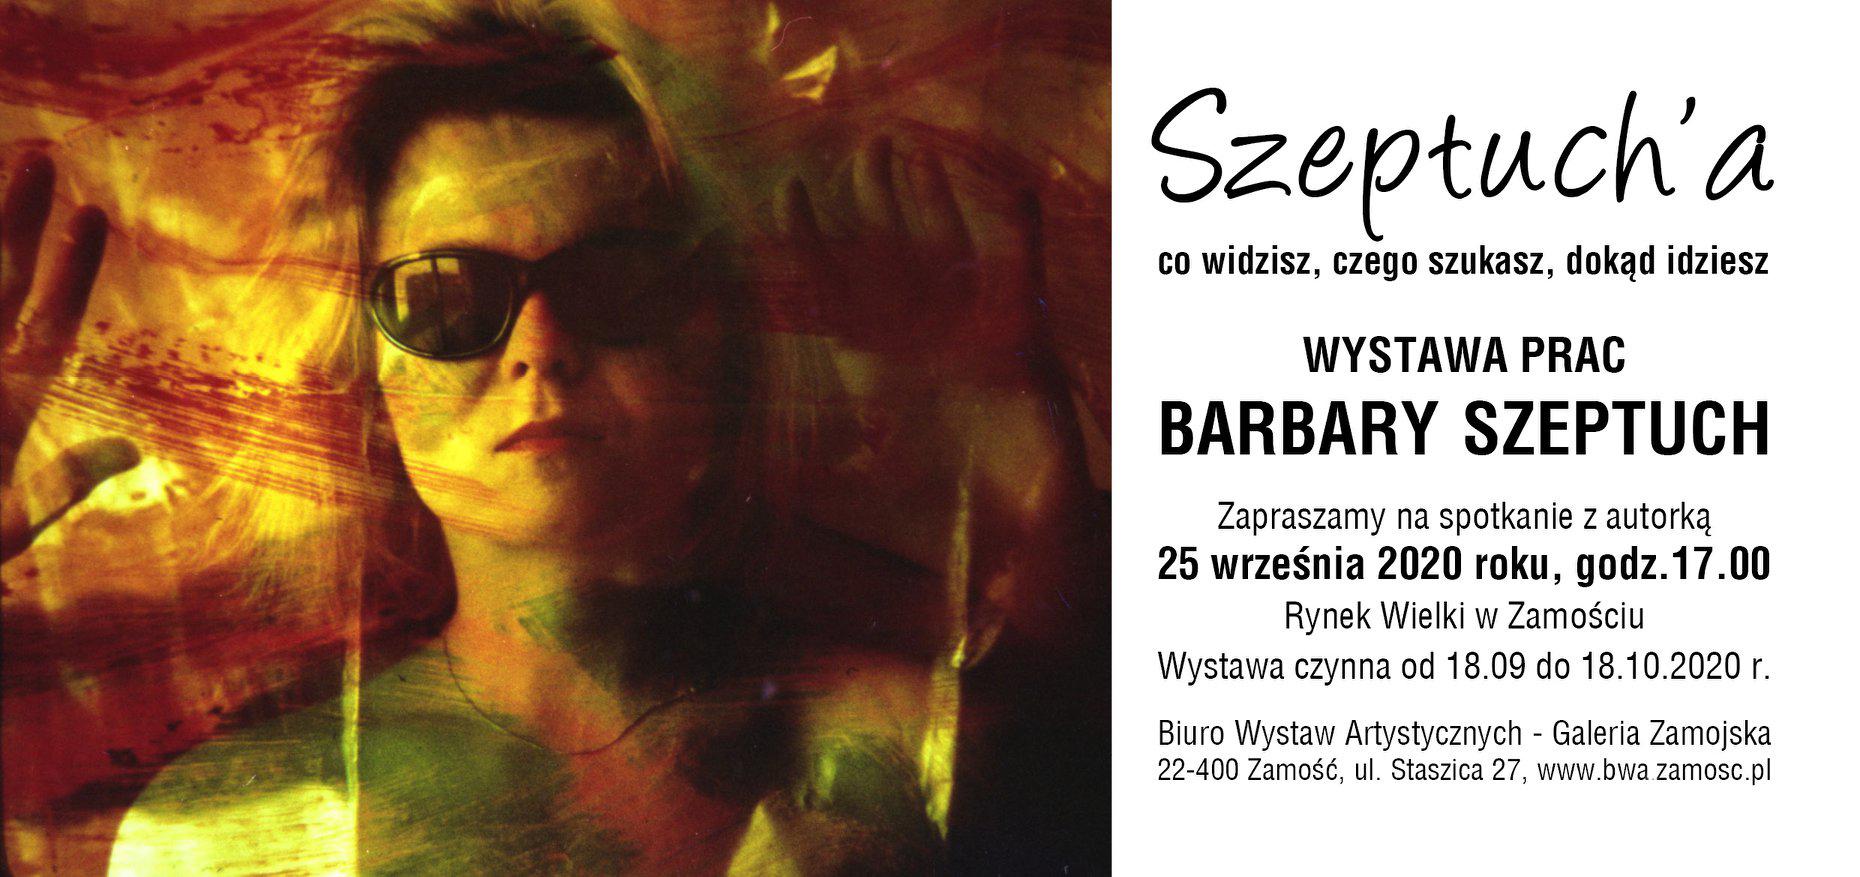 119126922 2513778338922933 7104267819737416909 o BWA Galeria Zamojska zaprasza na spotkanie z Barbarą Szeptuch